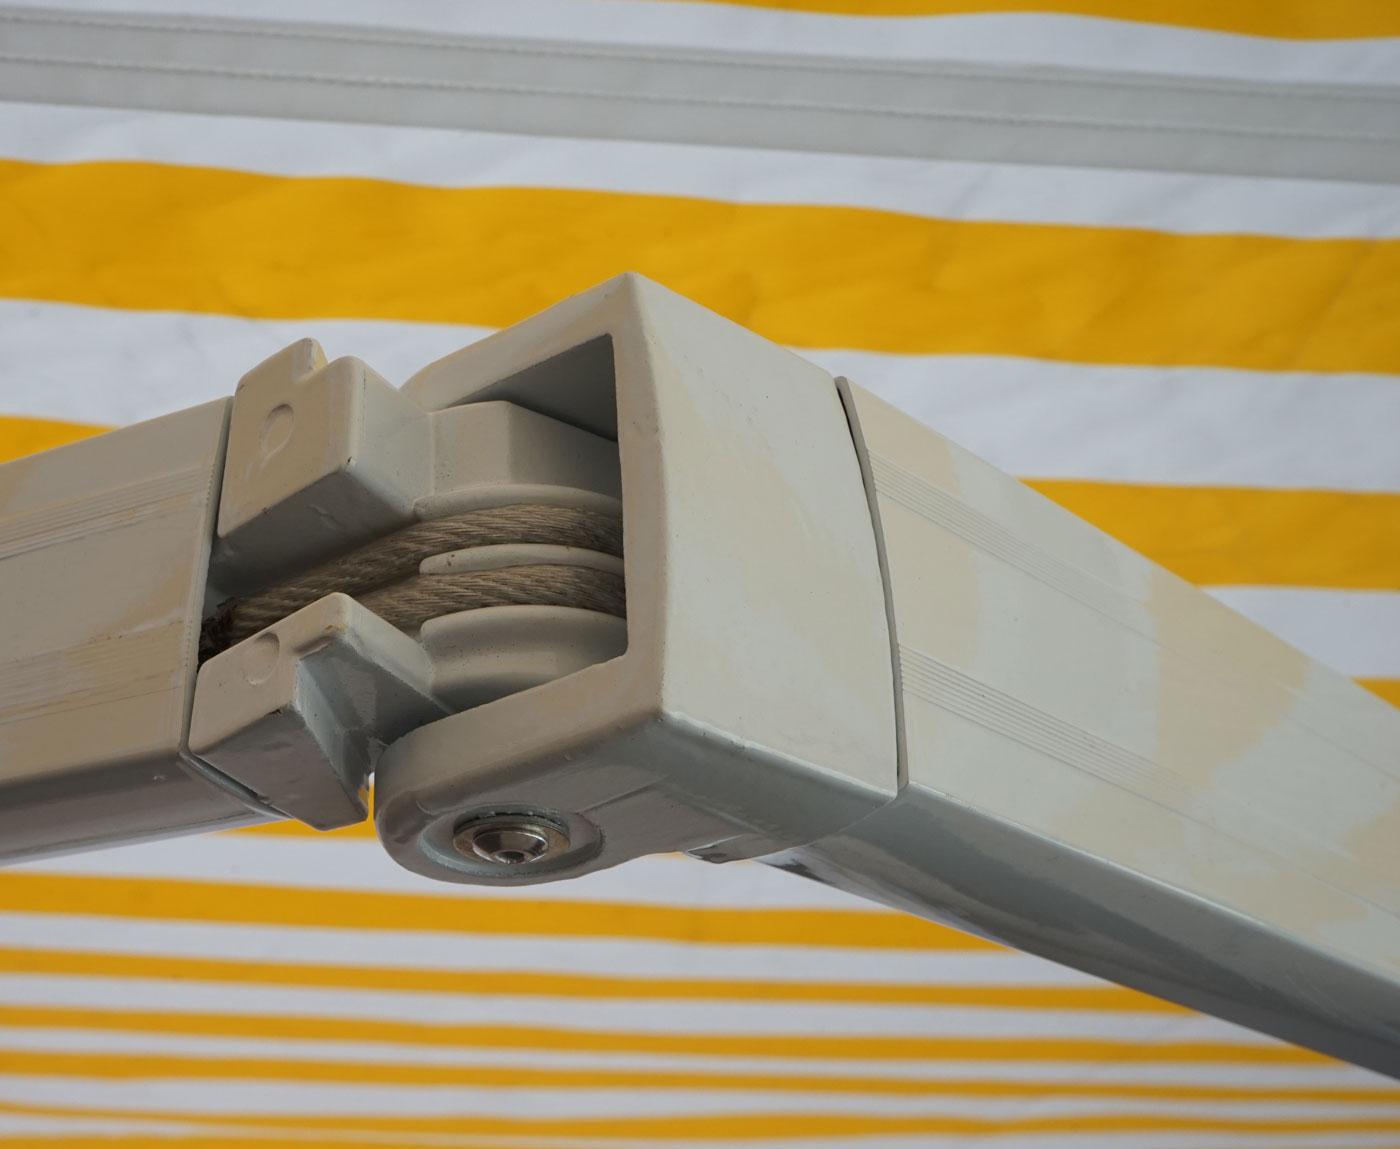 12m UA-Profil 100mm 4 Stab je 3m Aussteifungsprofil Ständerprofil Tür Profil